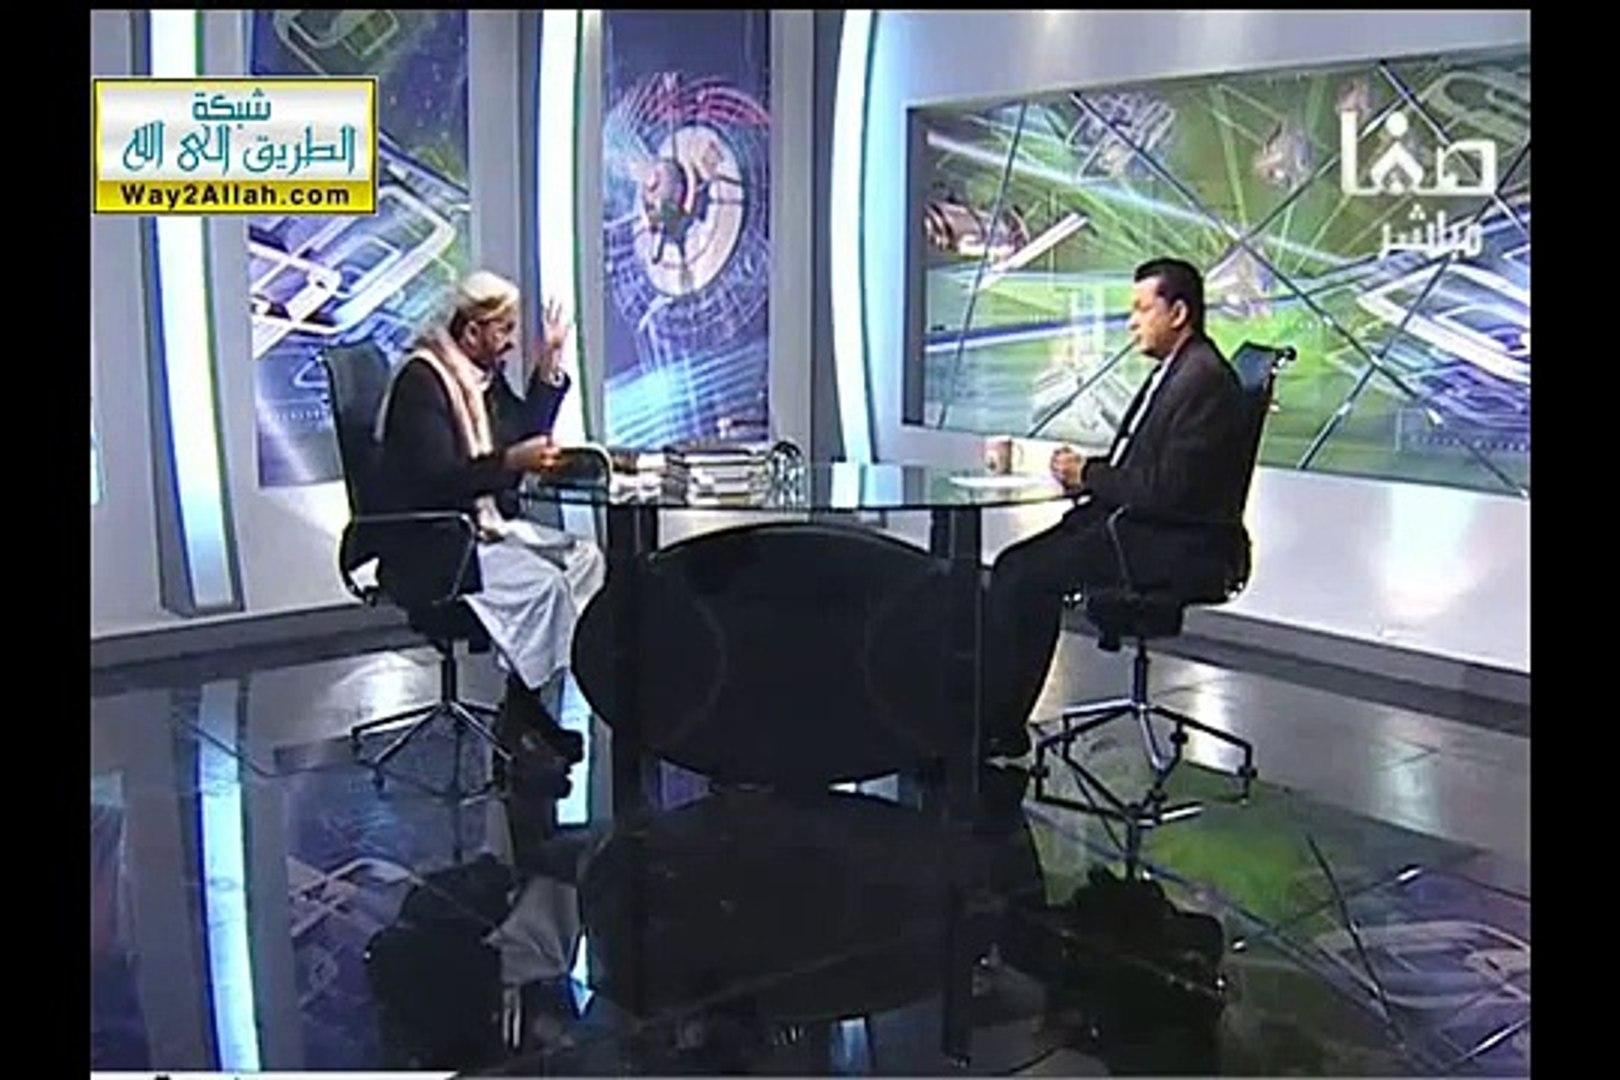 الشيخ الوصابي يعطي حسن المالكي درساً في الأمانة العلمية I رواية  إذا وجدتم معاوية على منبري فاقتلوه